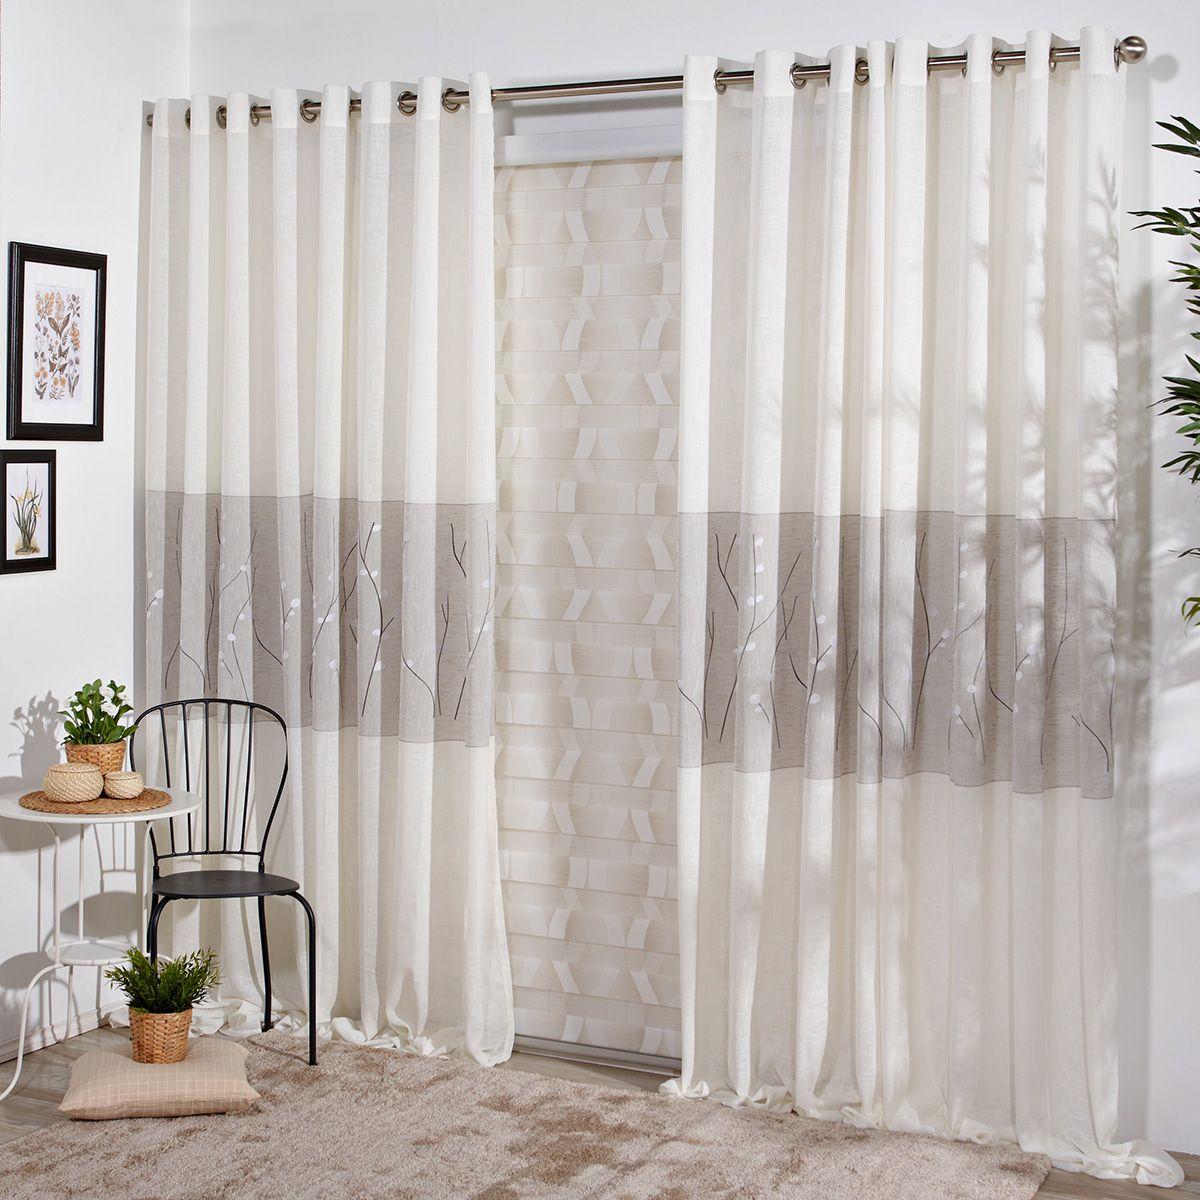 Cortina confeccionada waco decoraci n pinterest cortinas confeccion de - Visillos para salones ...